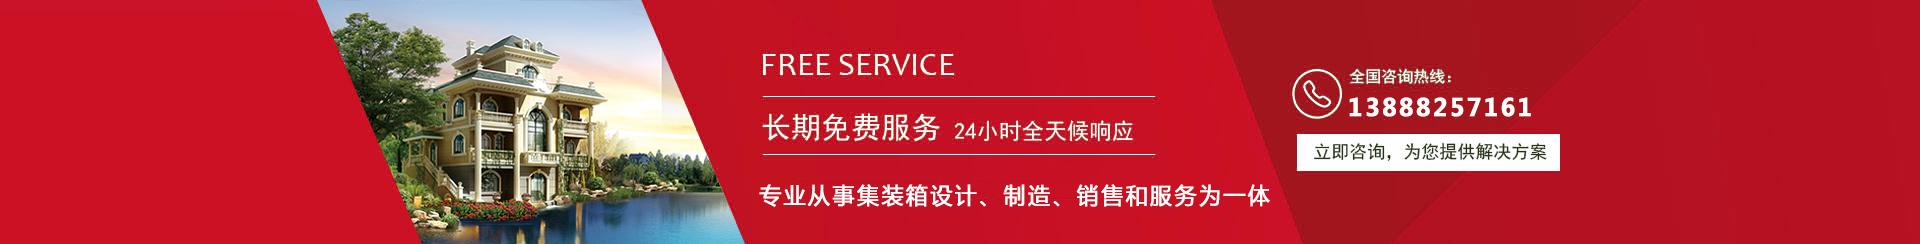 云南红人集成房屋有限公司专业从事集装箱设计、制造、销售和服务